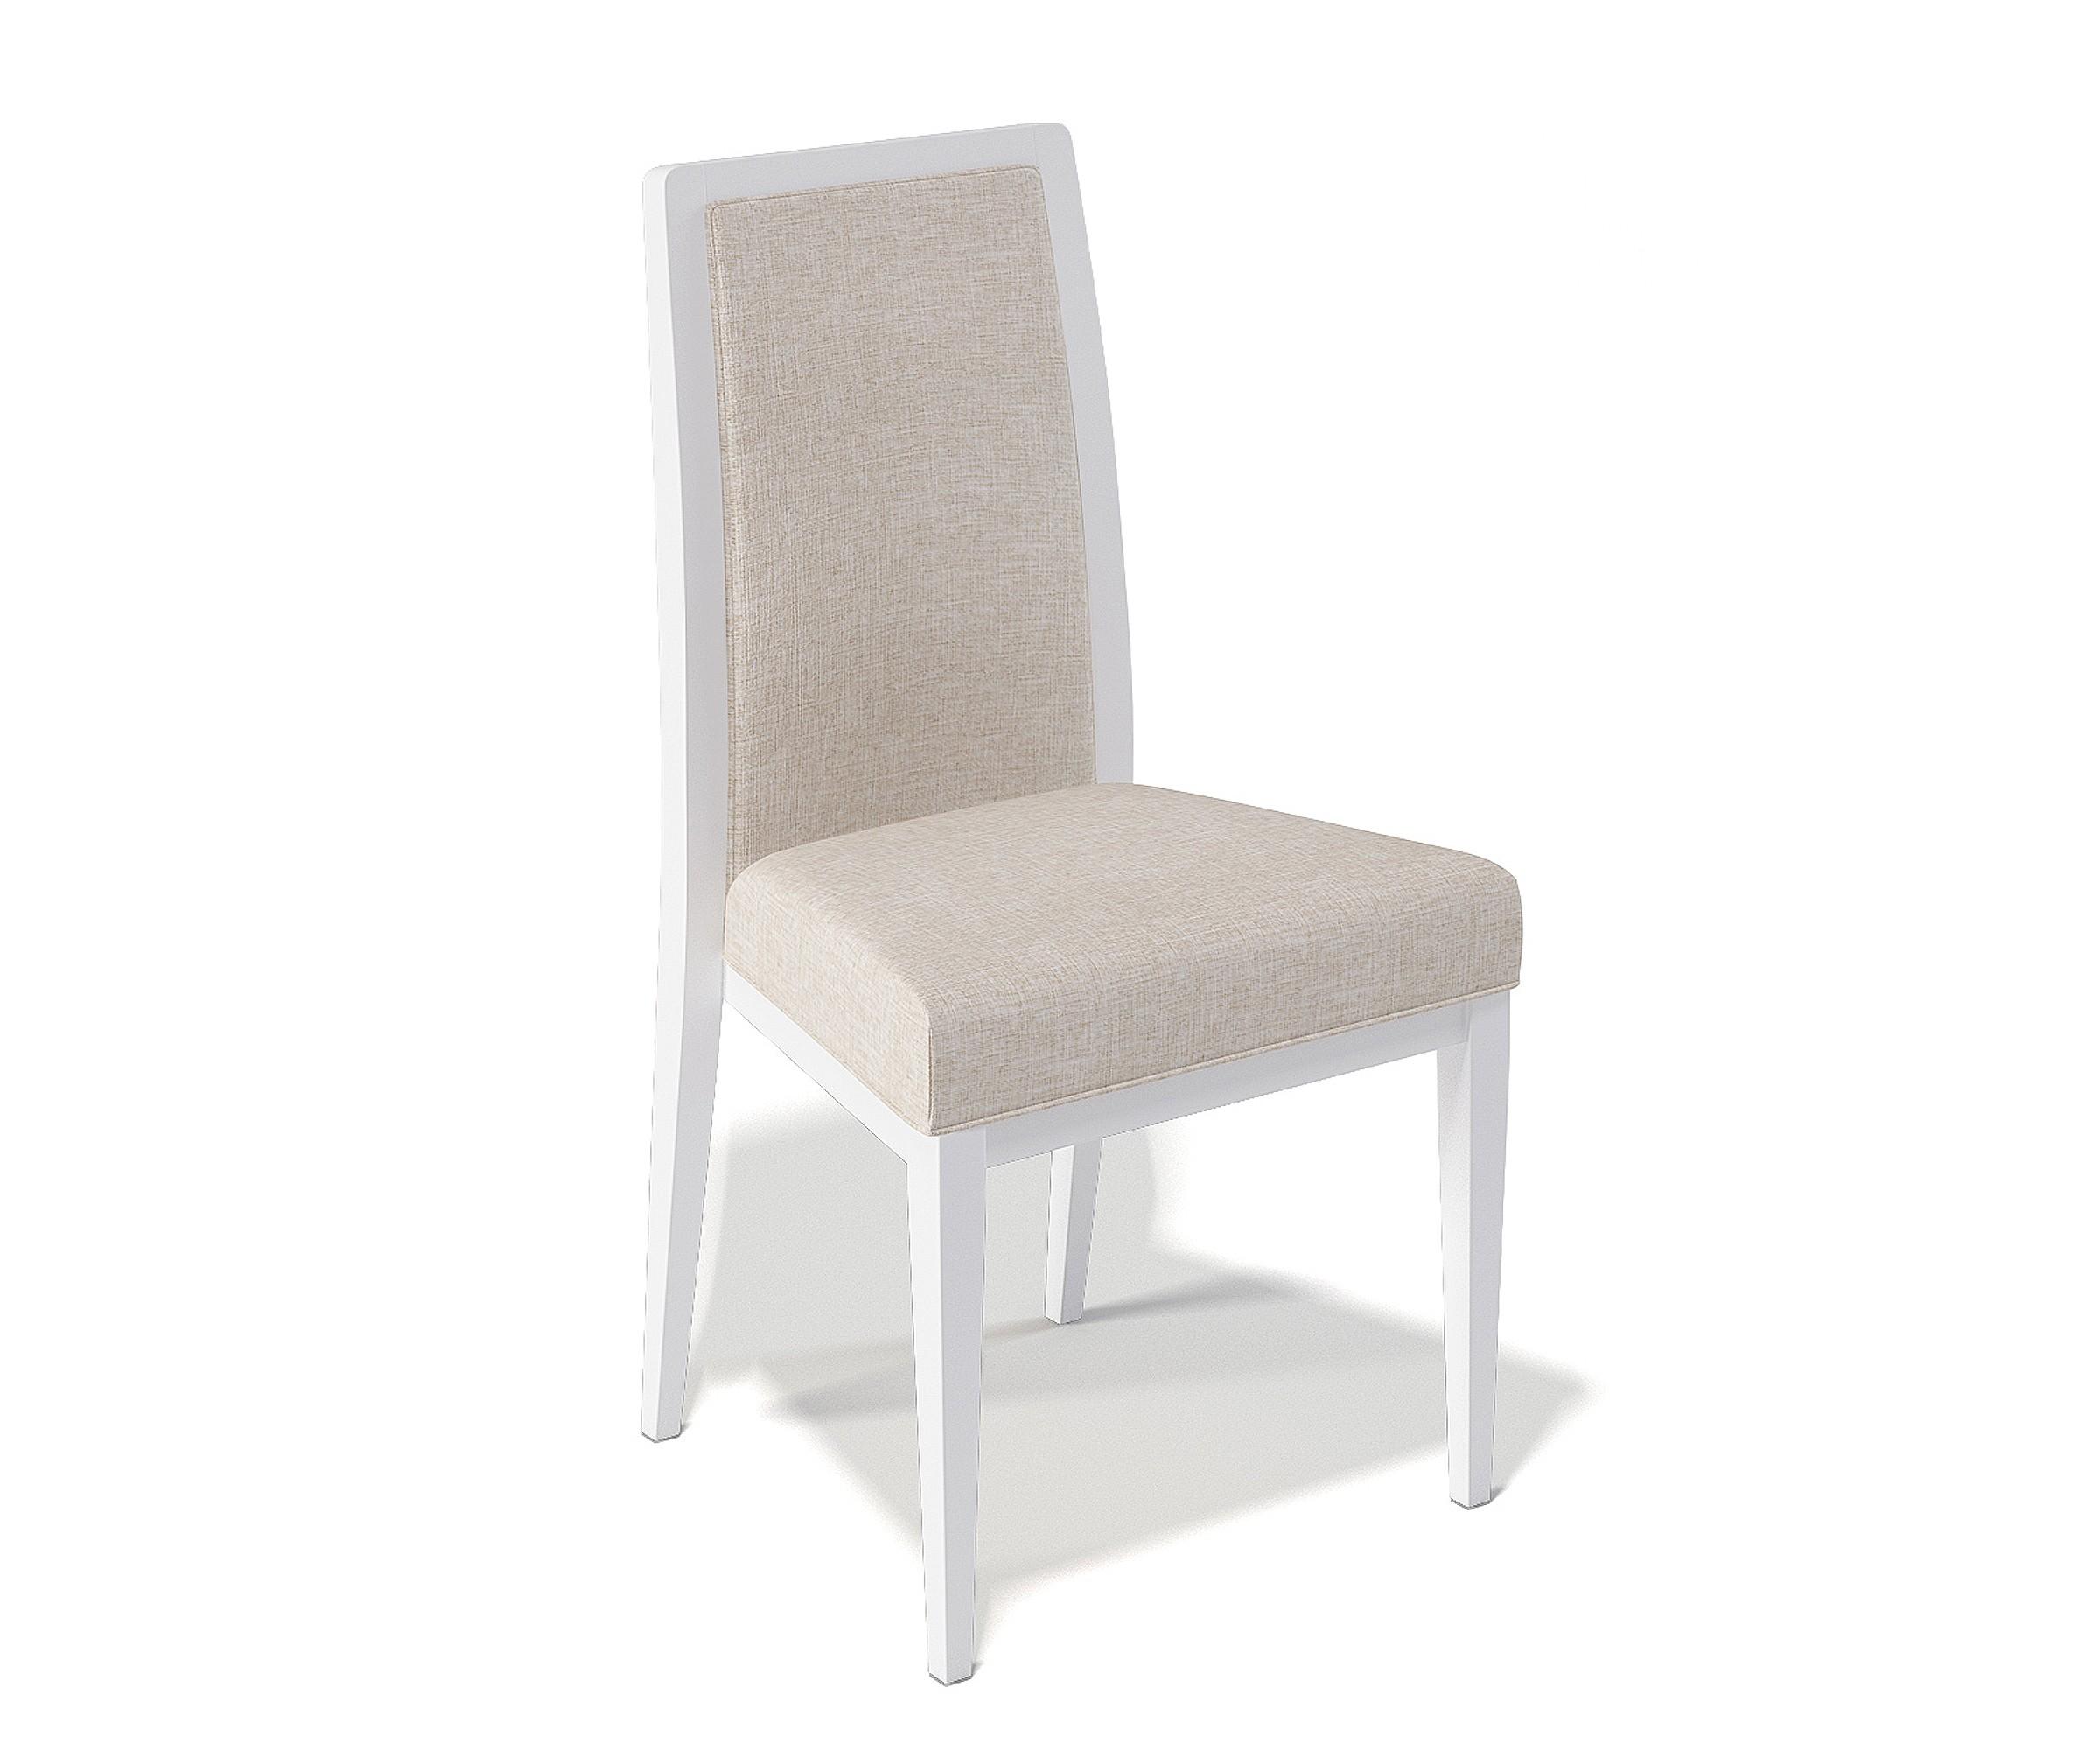 Стул KennerОбеденные стулья<br>Высота от пола до сиденья 46 см.<br><br>Material: Текстиль<br>Ширина см: 43<br>Высота см: 94<br>Глубина см: 41